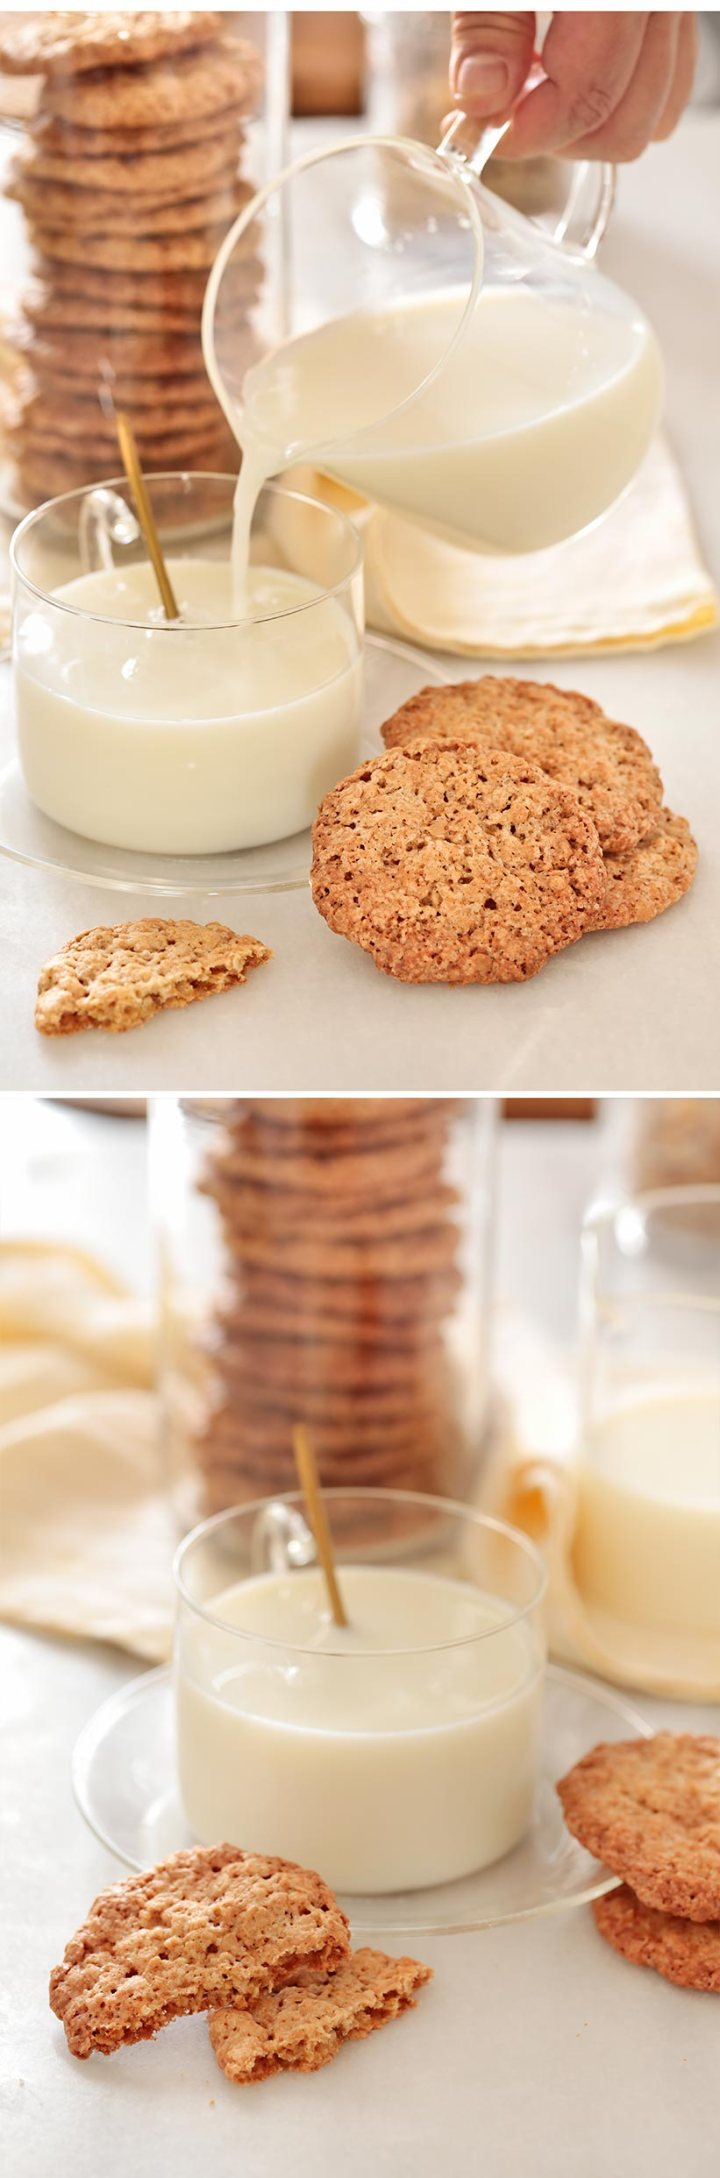 Receta galletas de avena de mi madre